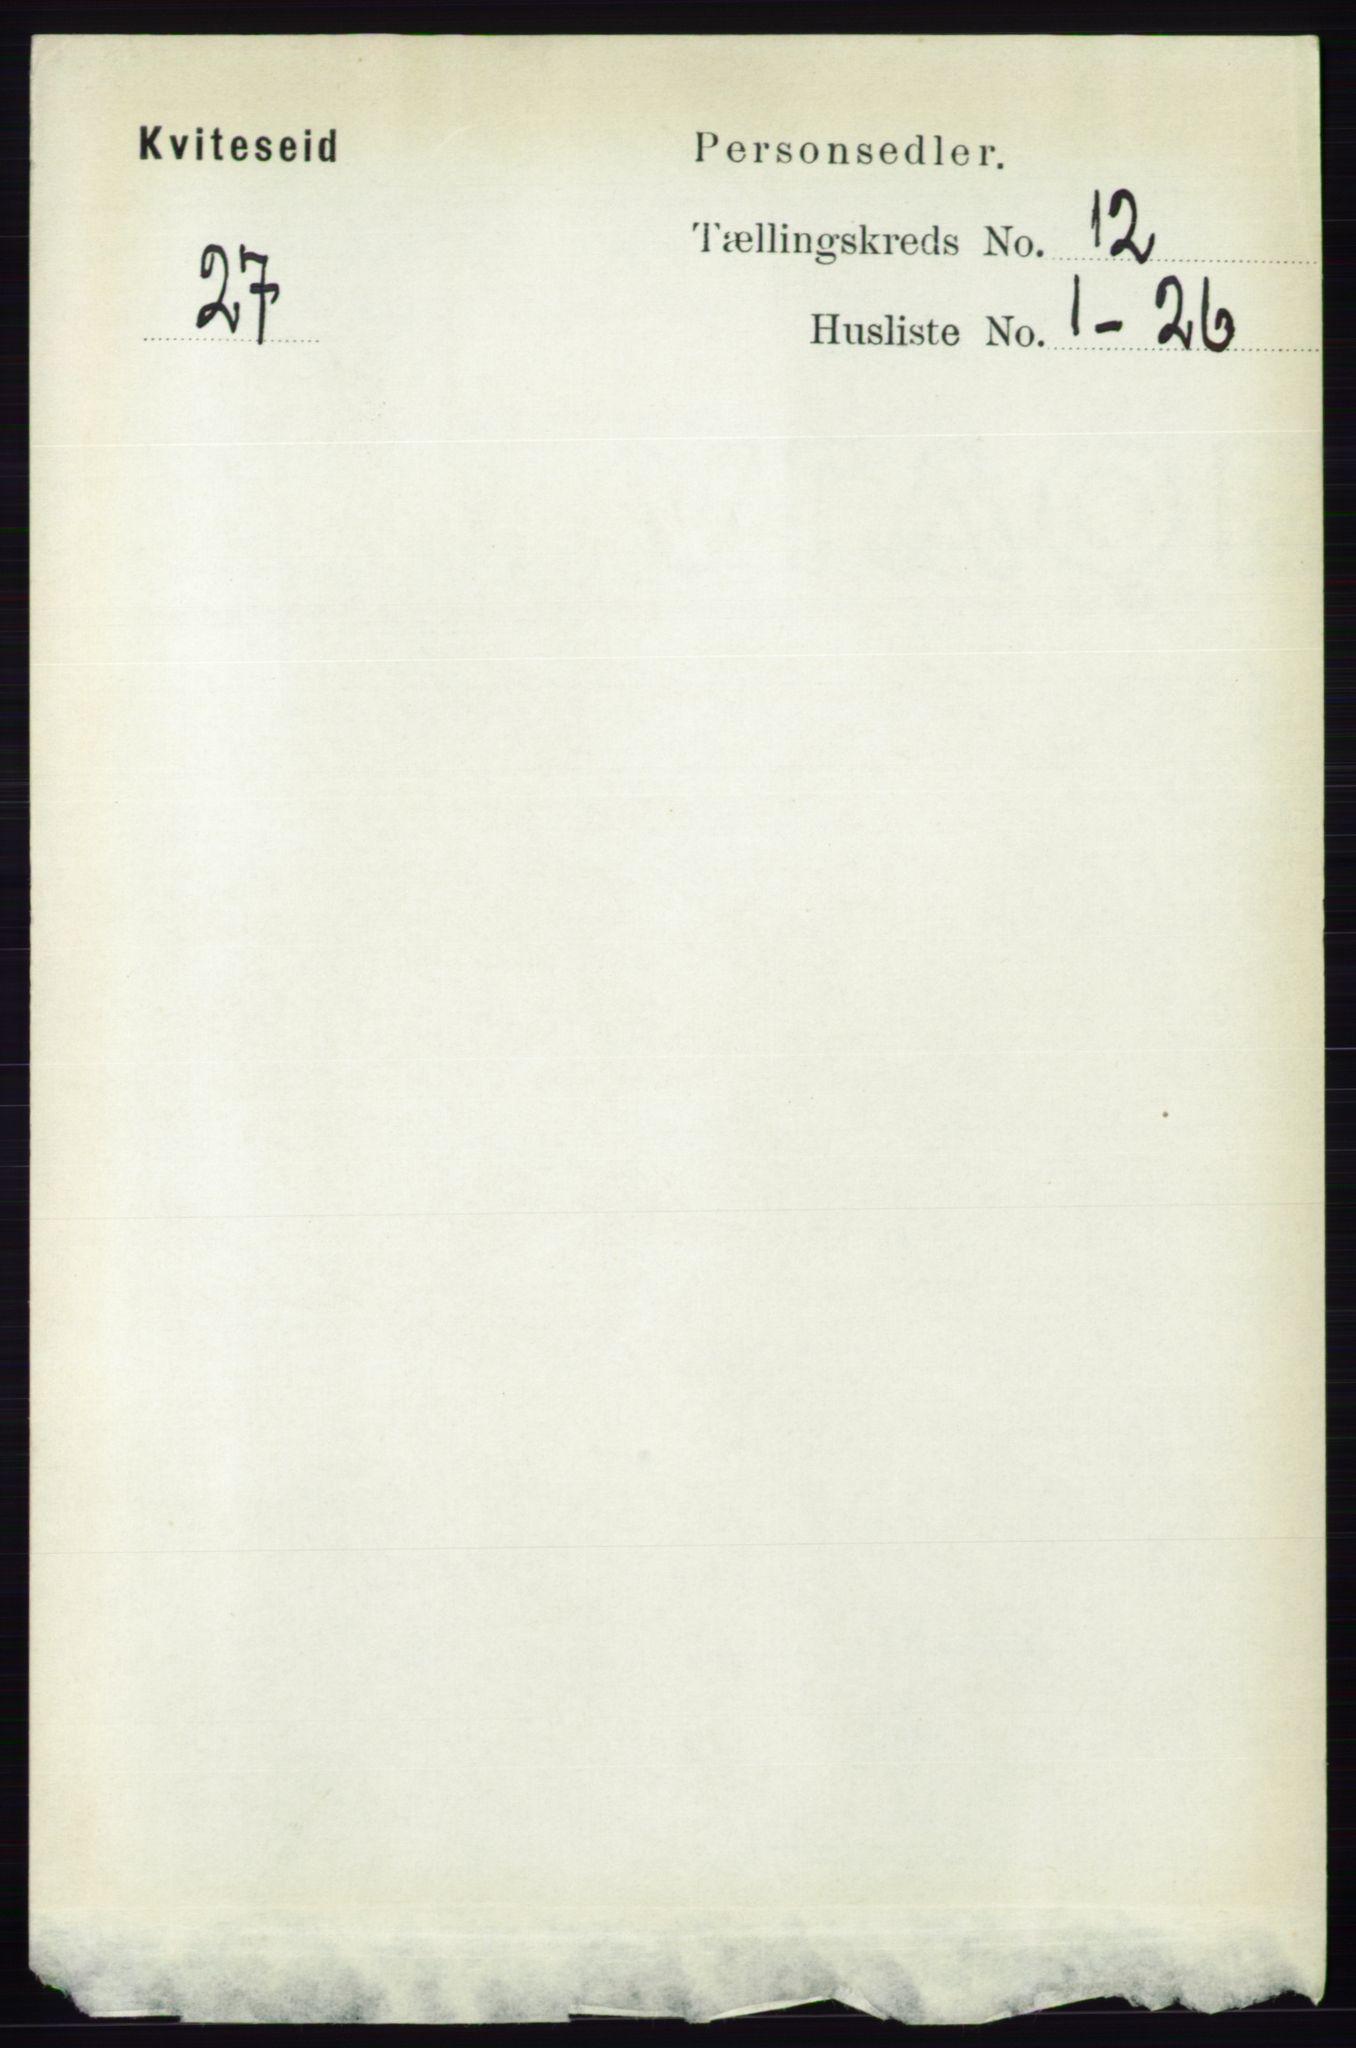 RA, Folketelling 1891 for 0829 Kviteseid herred, 1891, s. 2841